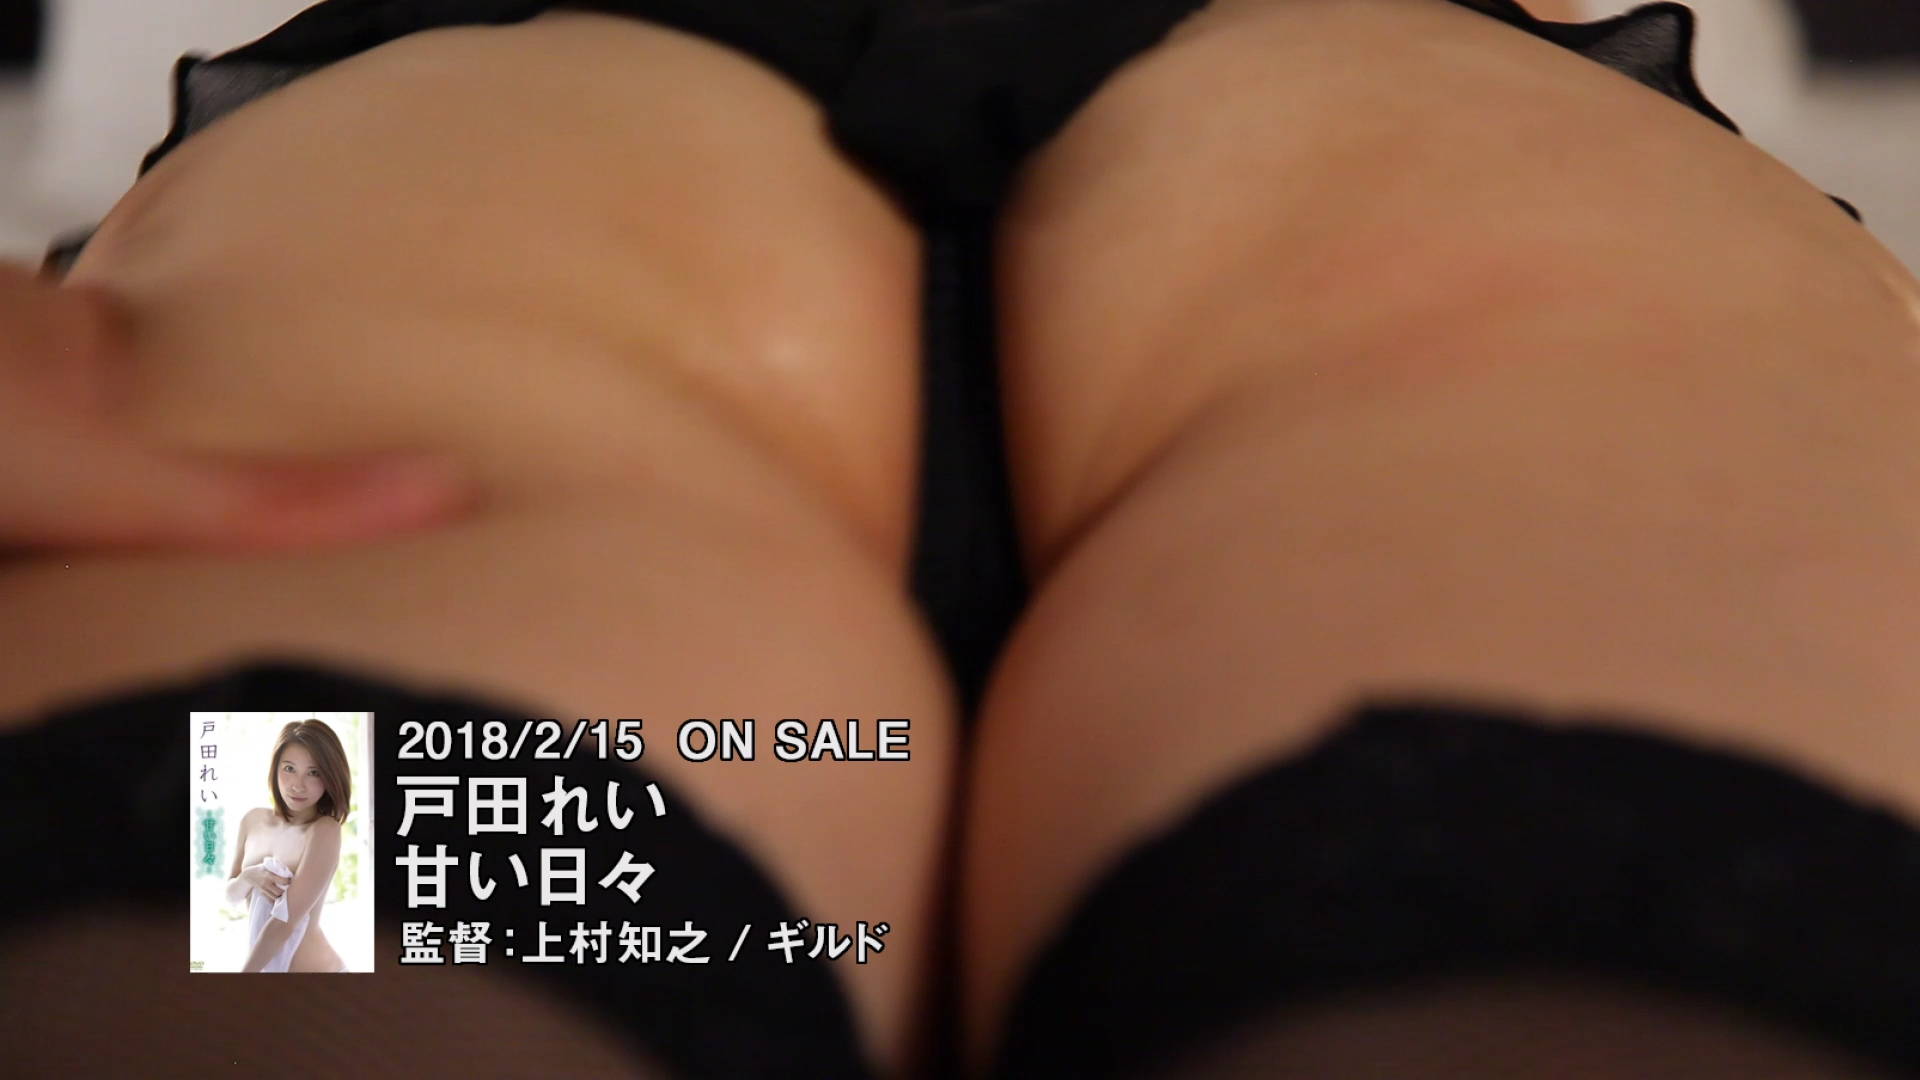 戸田れいのイメージDVDエロ画像083